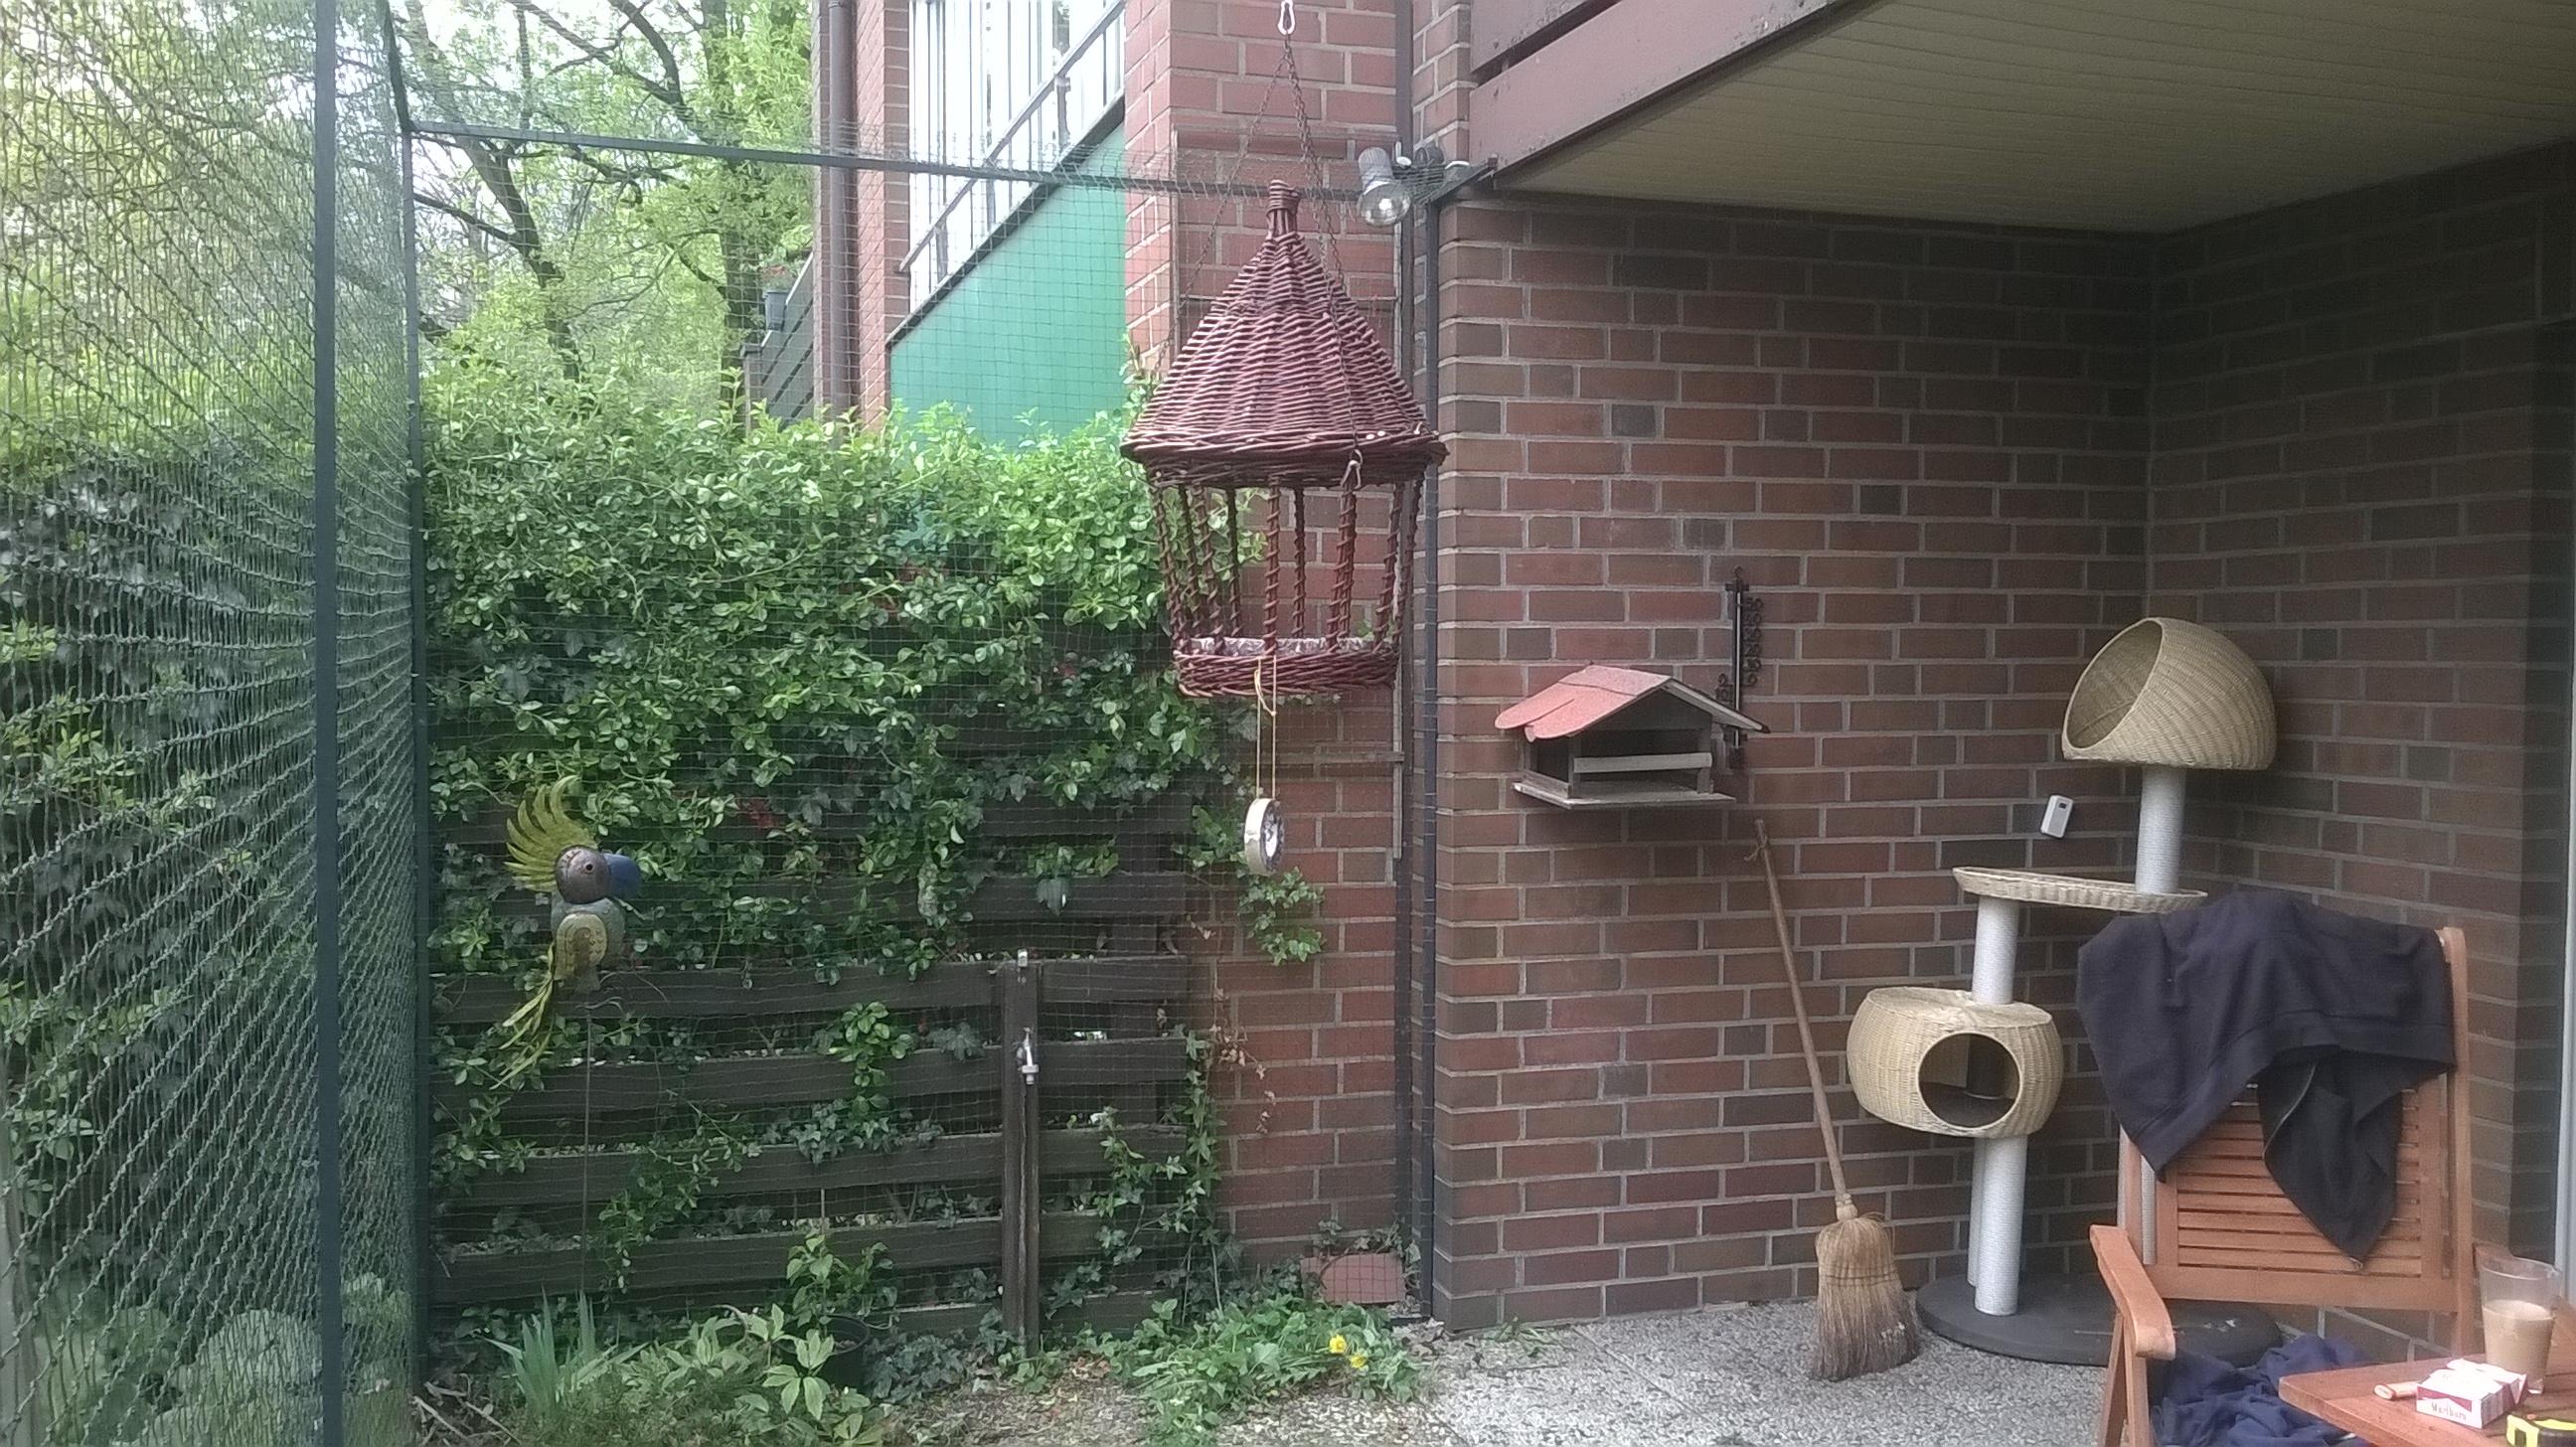 Gartenterrasse_als_Freigehege_fuer_Katzen